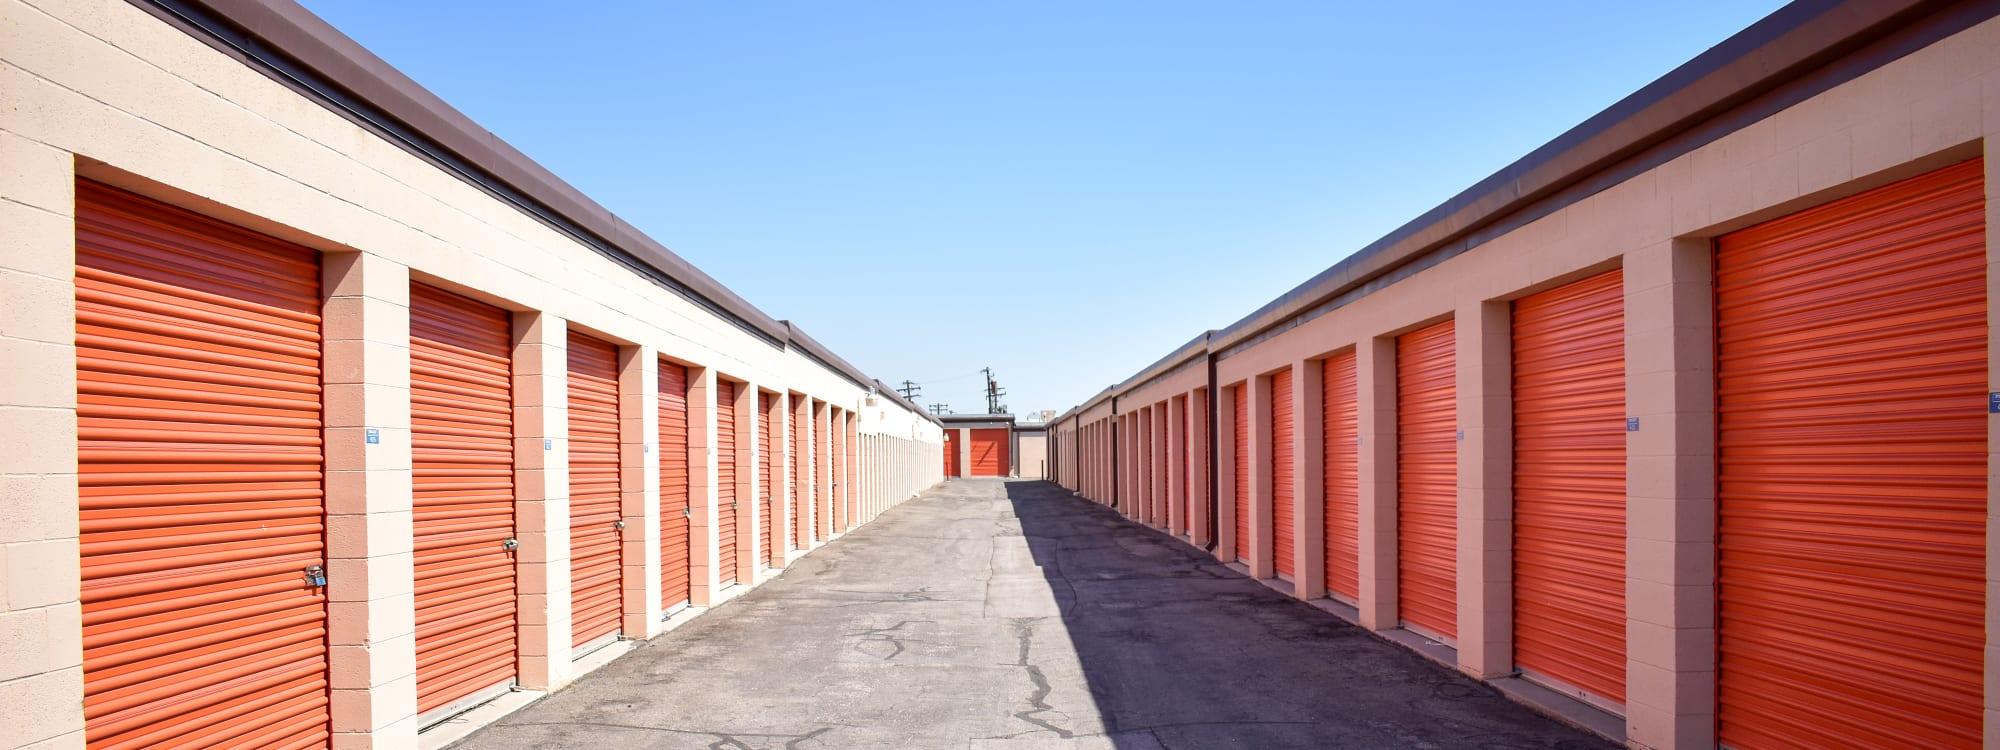 STOR-N-LOCK Self Storage in Taylorsville, Utah